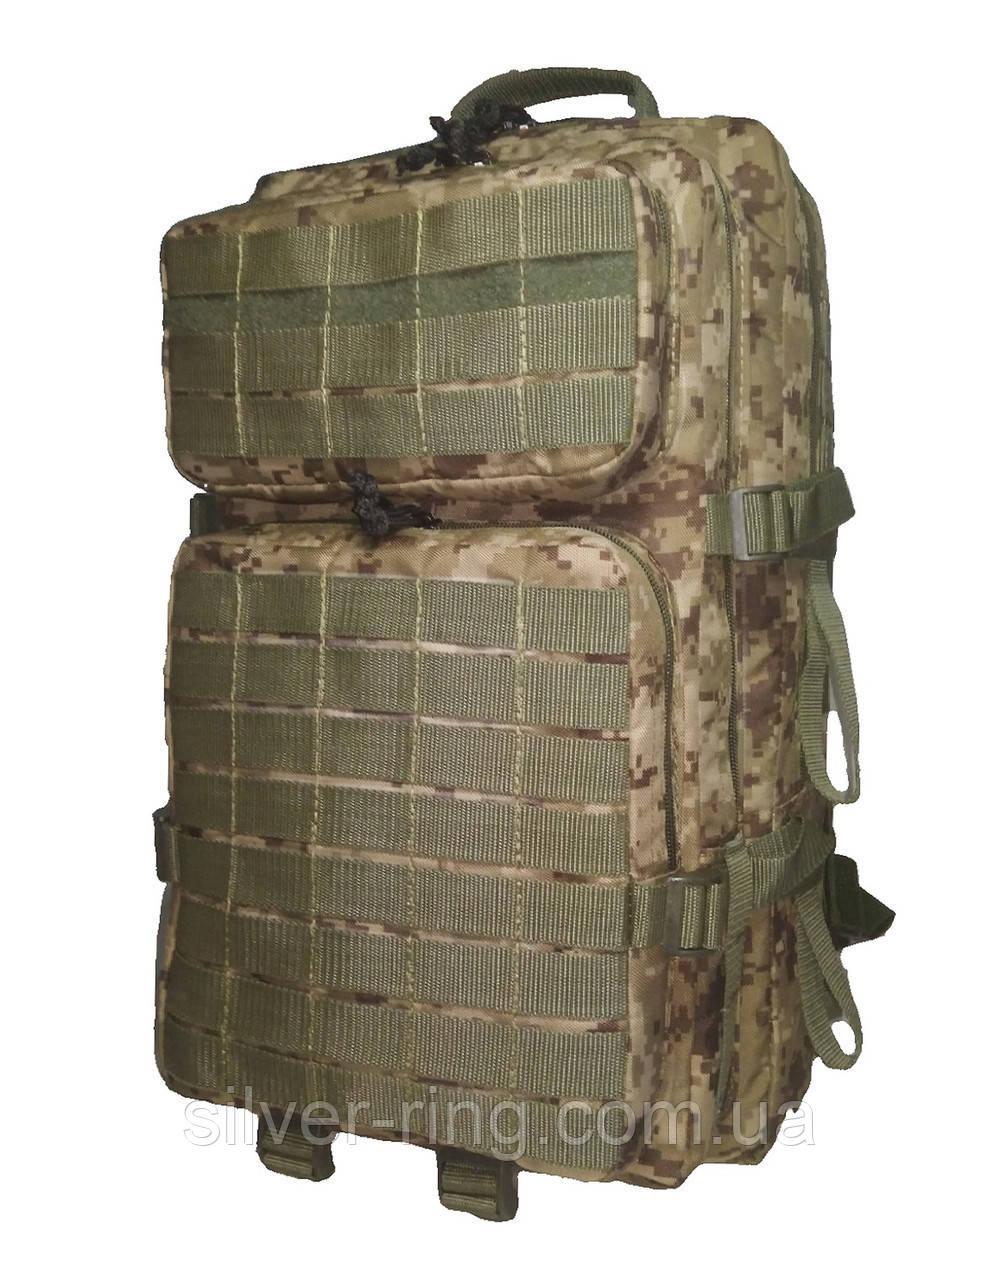 Тактический, штурмовой крепкий рюкзак 38 литров Украинский пиксель